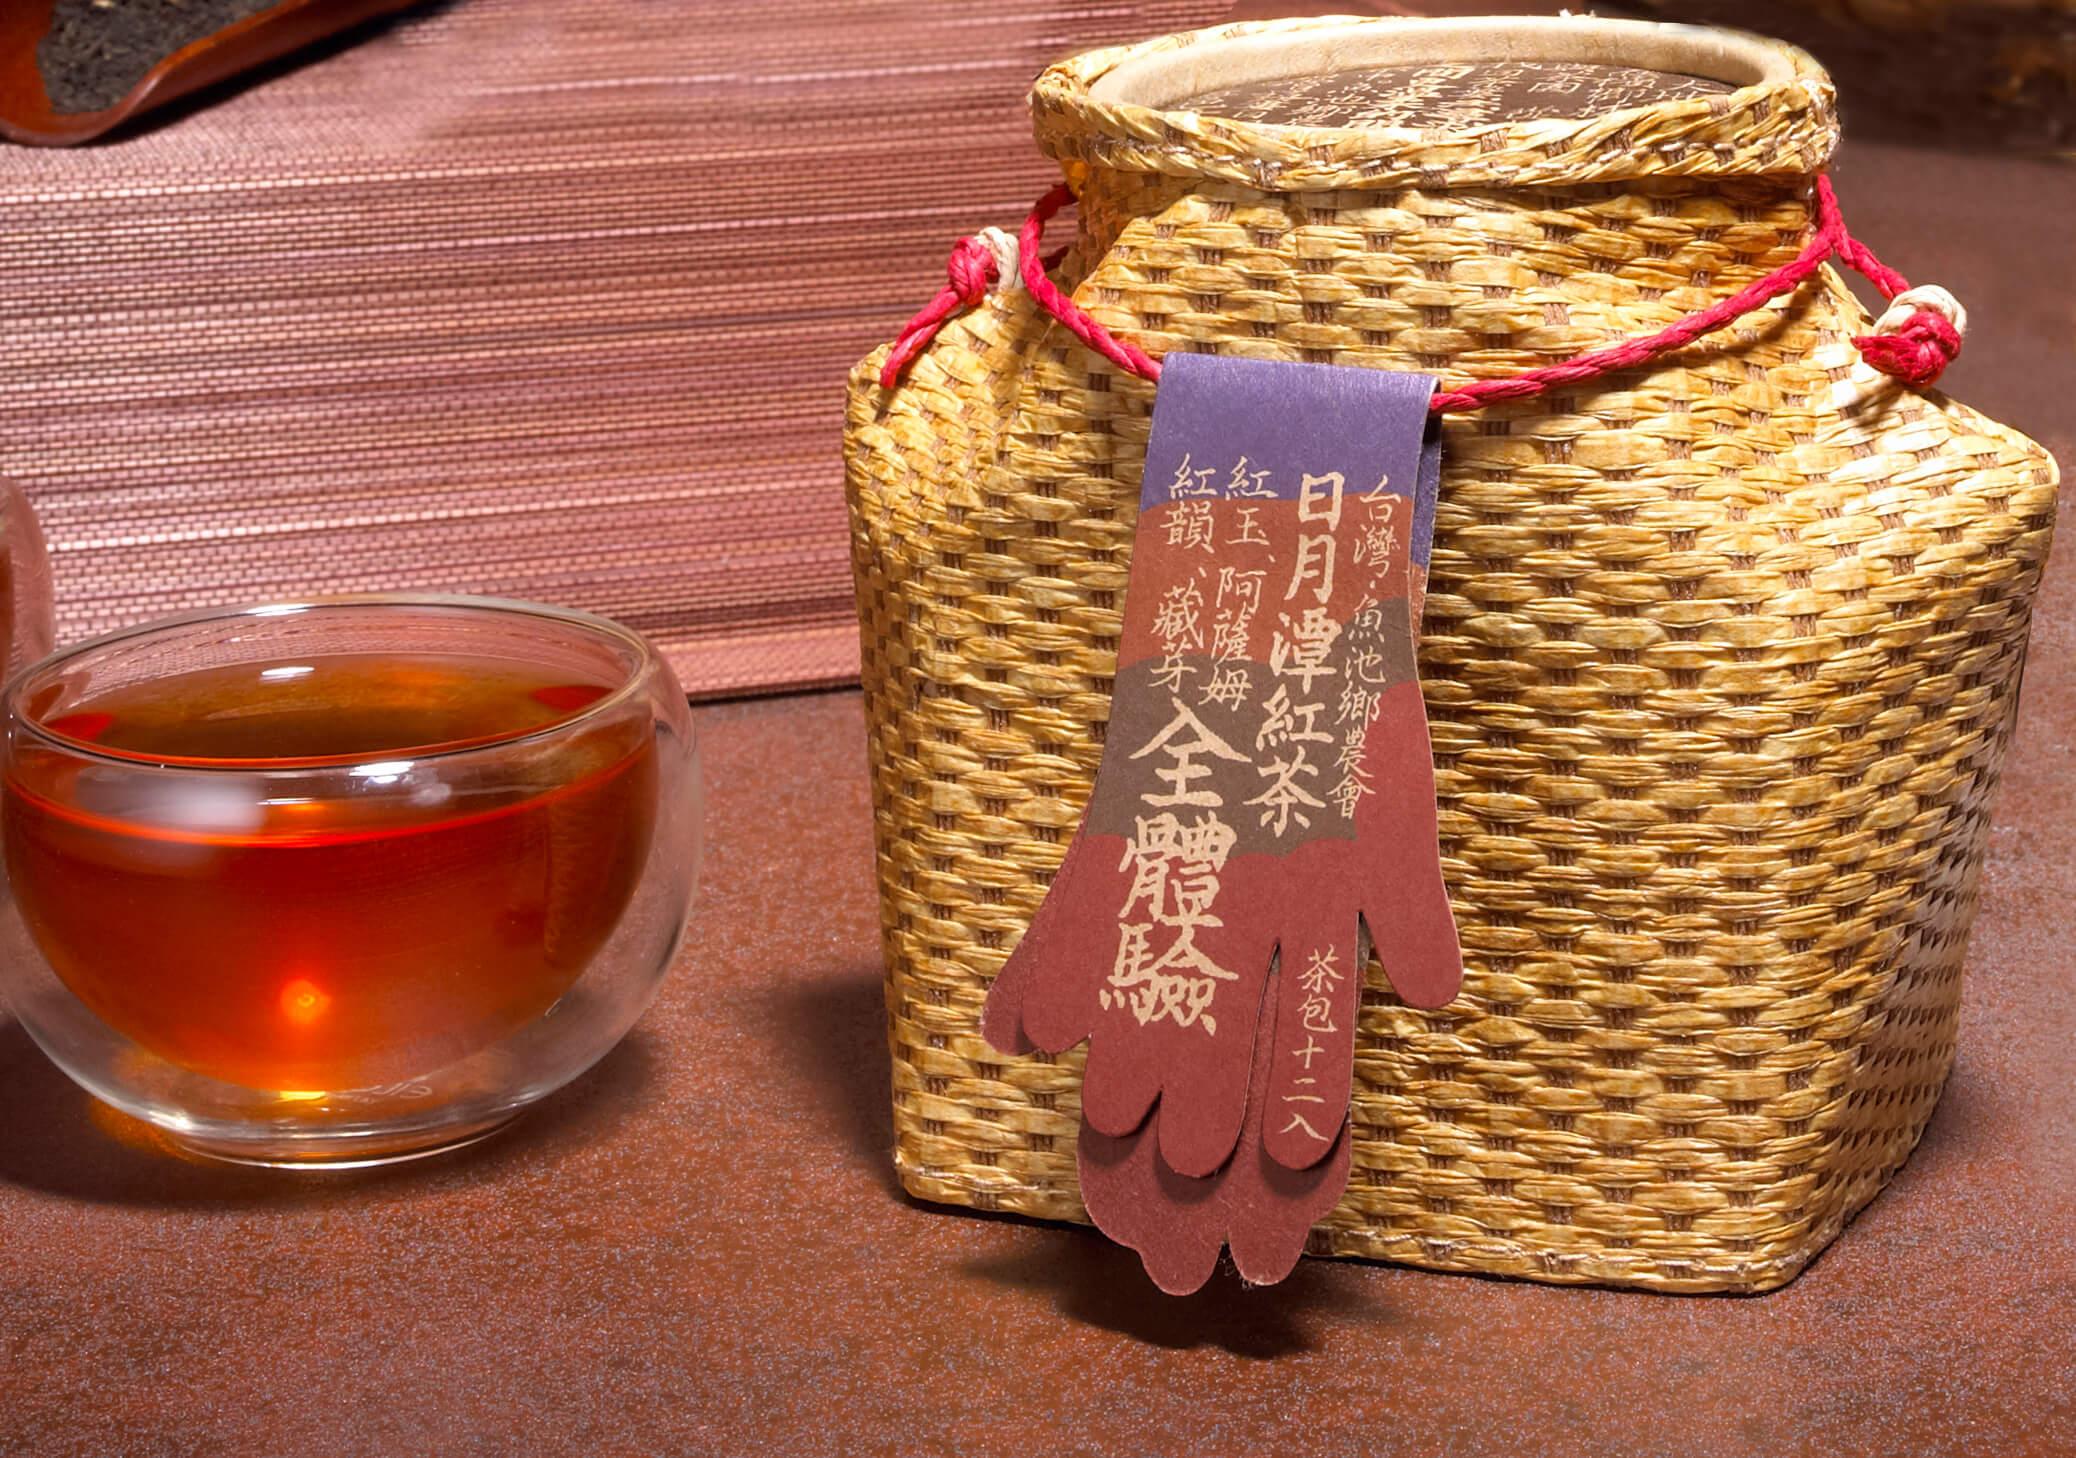 日月潭紅茶 - 懷古茶簍-全體驗茶包